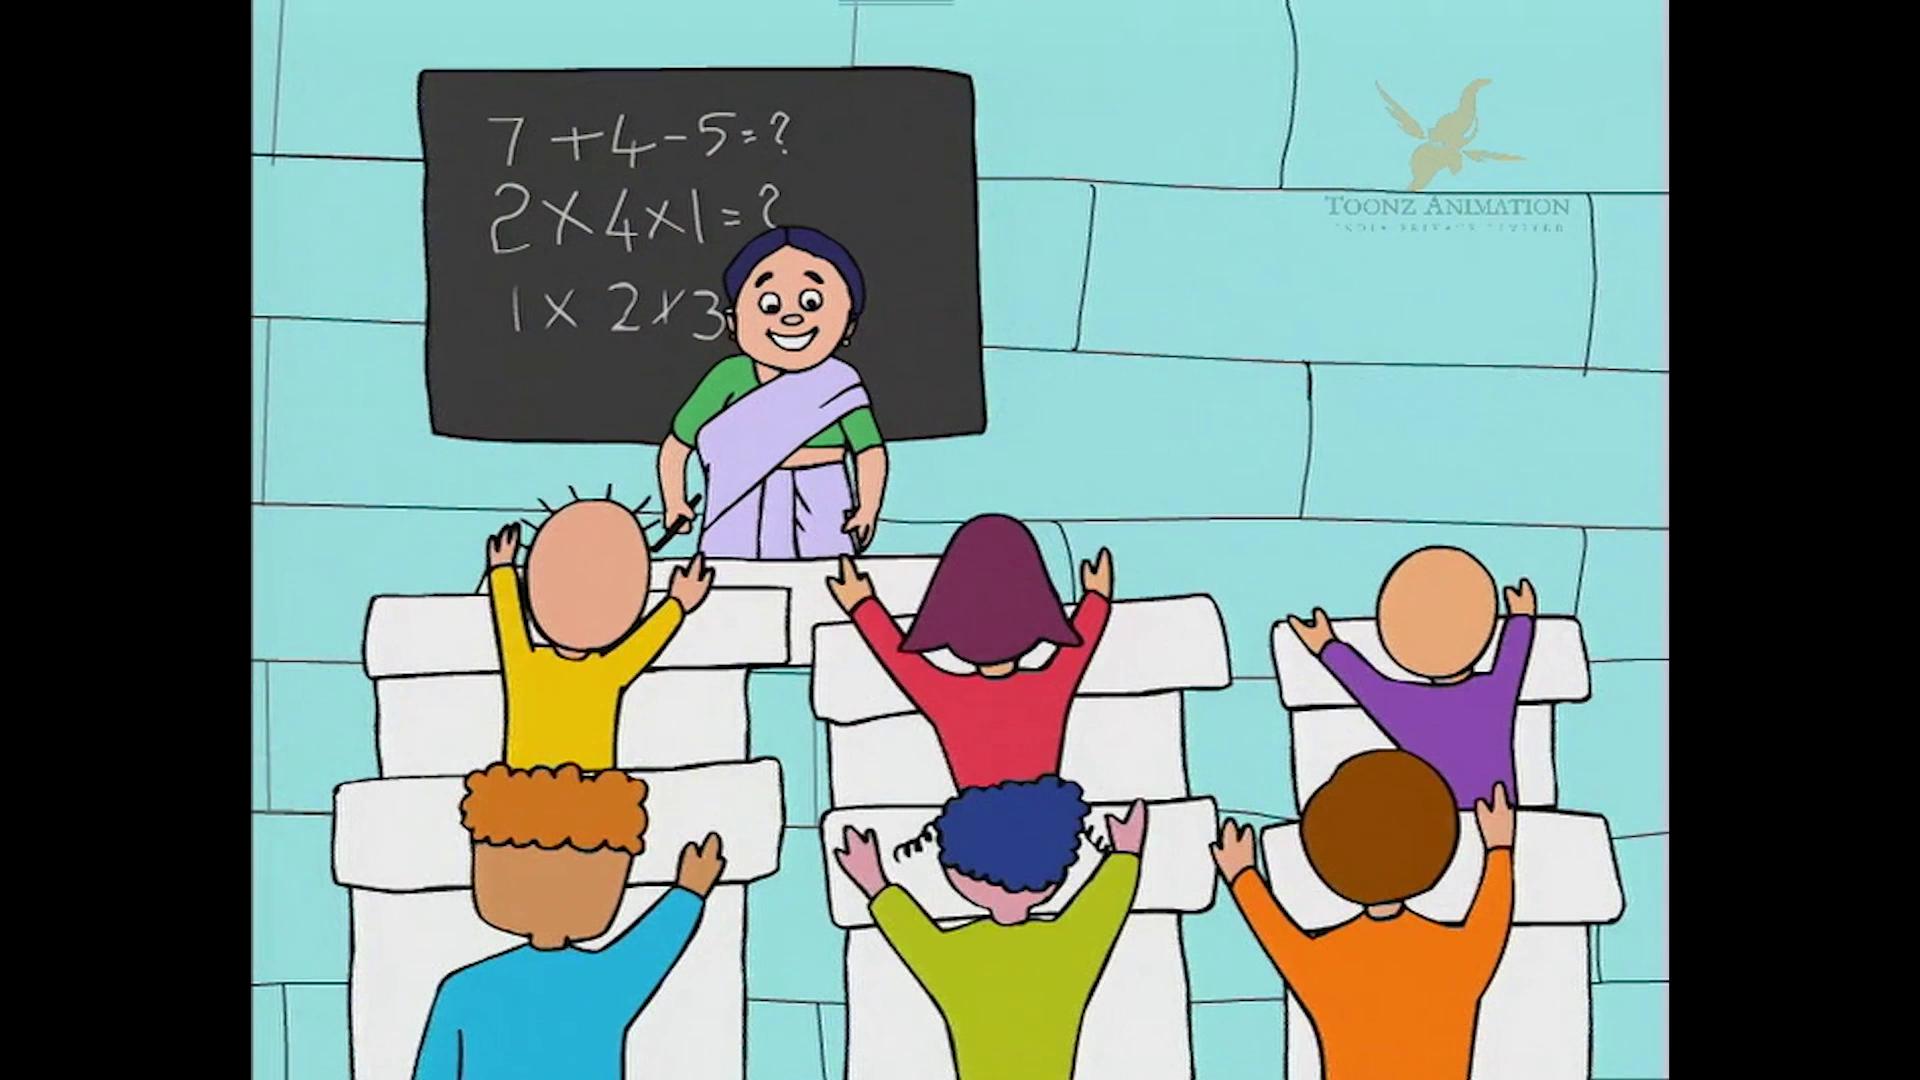 Math Toon Kids Cartoon Videos Babytoonz Maths Kidsvideos Cartoons Cartoonsforkids Kidsshows Cartoonvideos Kids Shows Cartoon Kids Cartoon Gifs